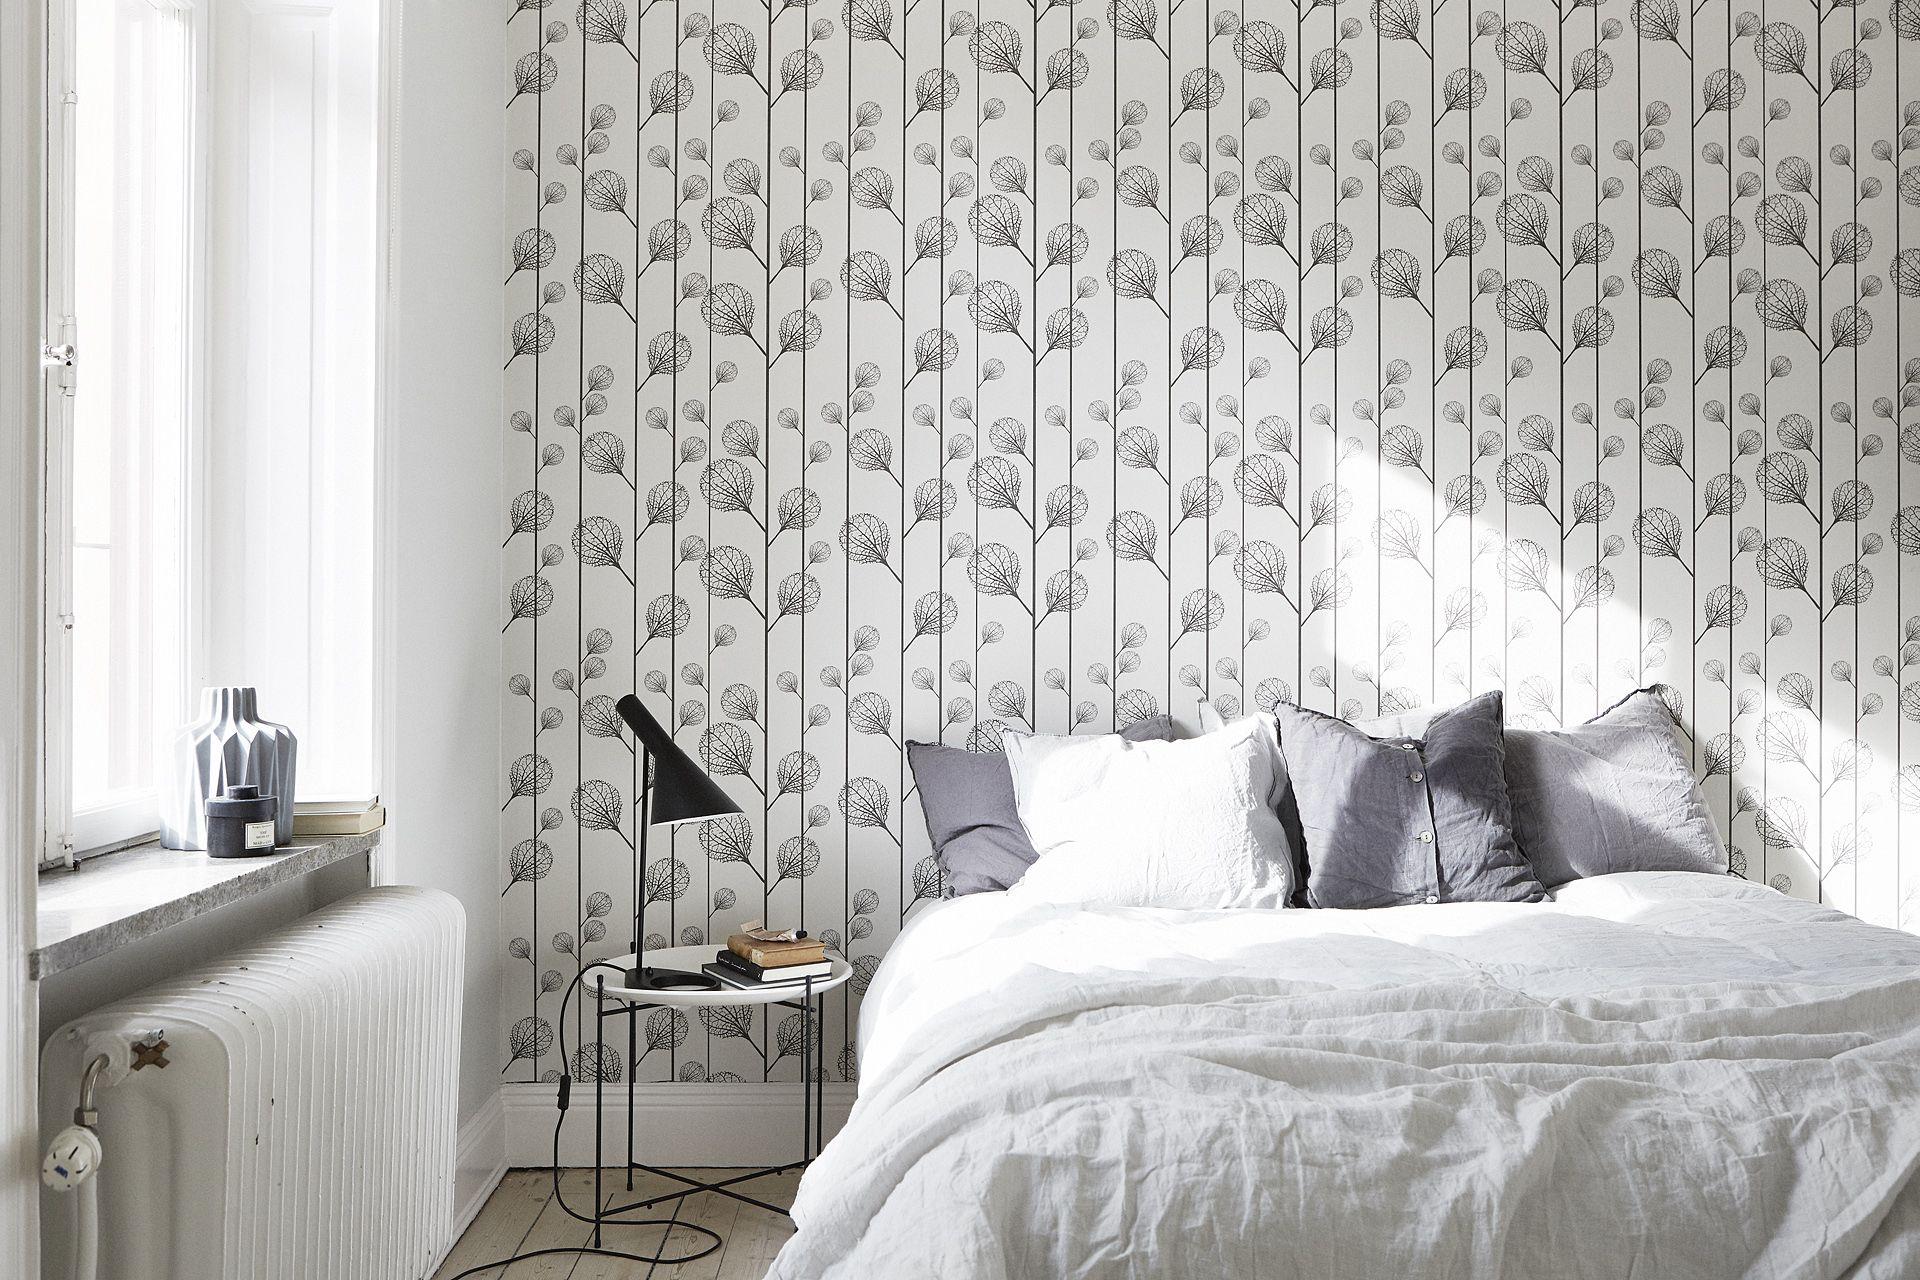 Scandinavische slaapkamer met mooi behang | Slaapkamer ideeën ...